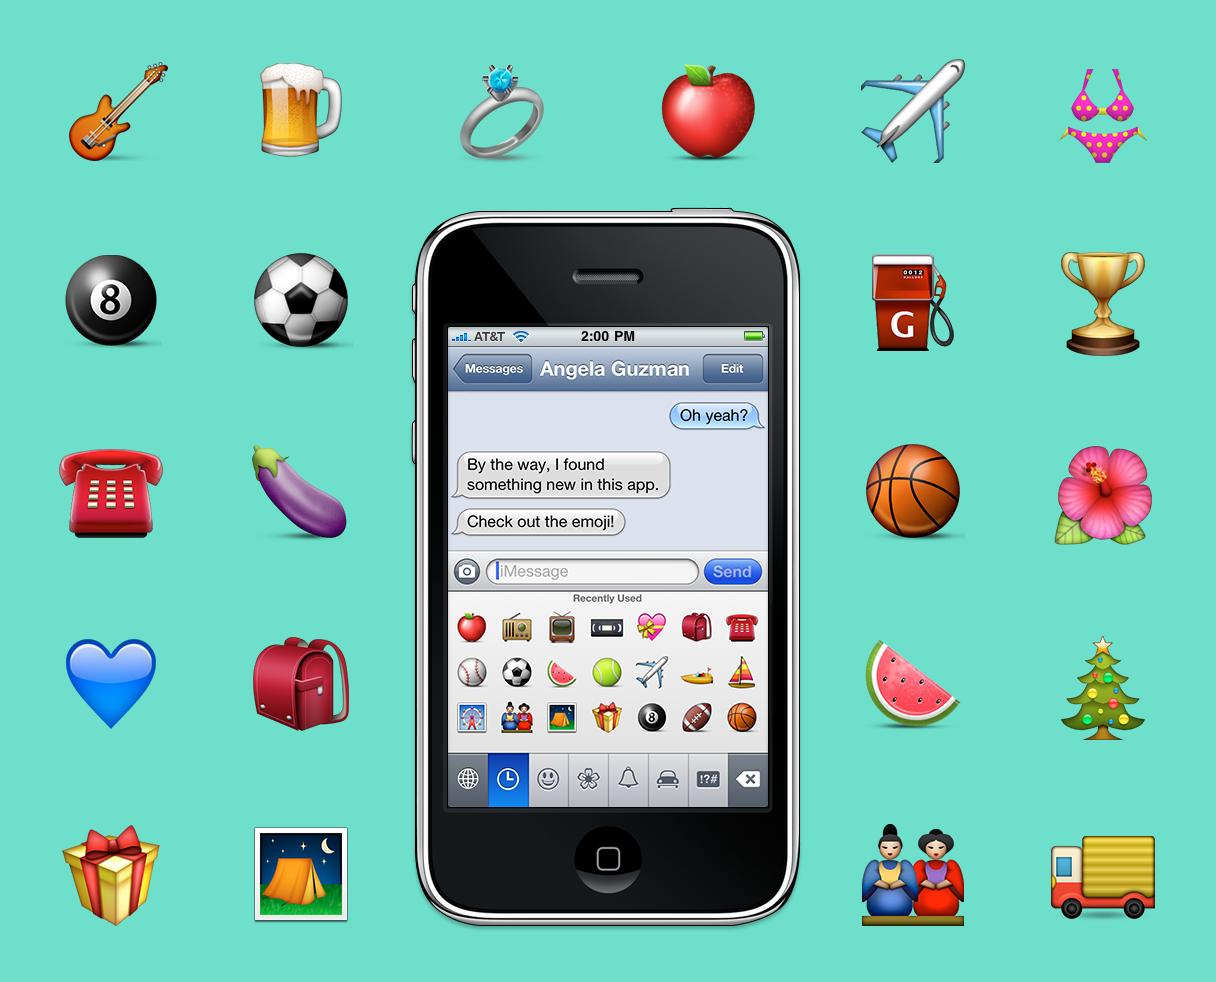 Un iPhone con unos emojis a los lados